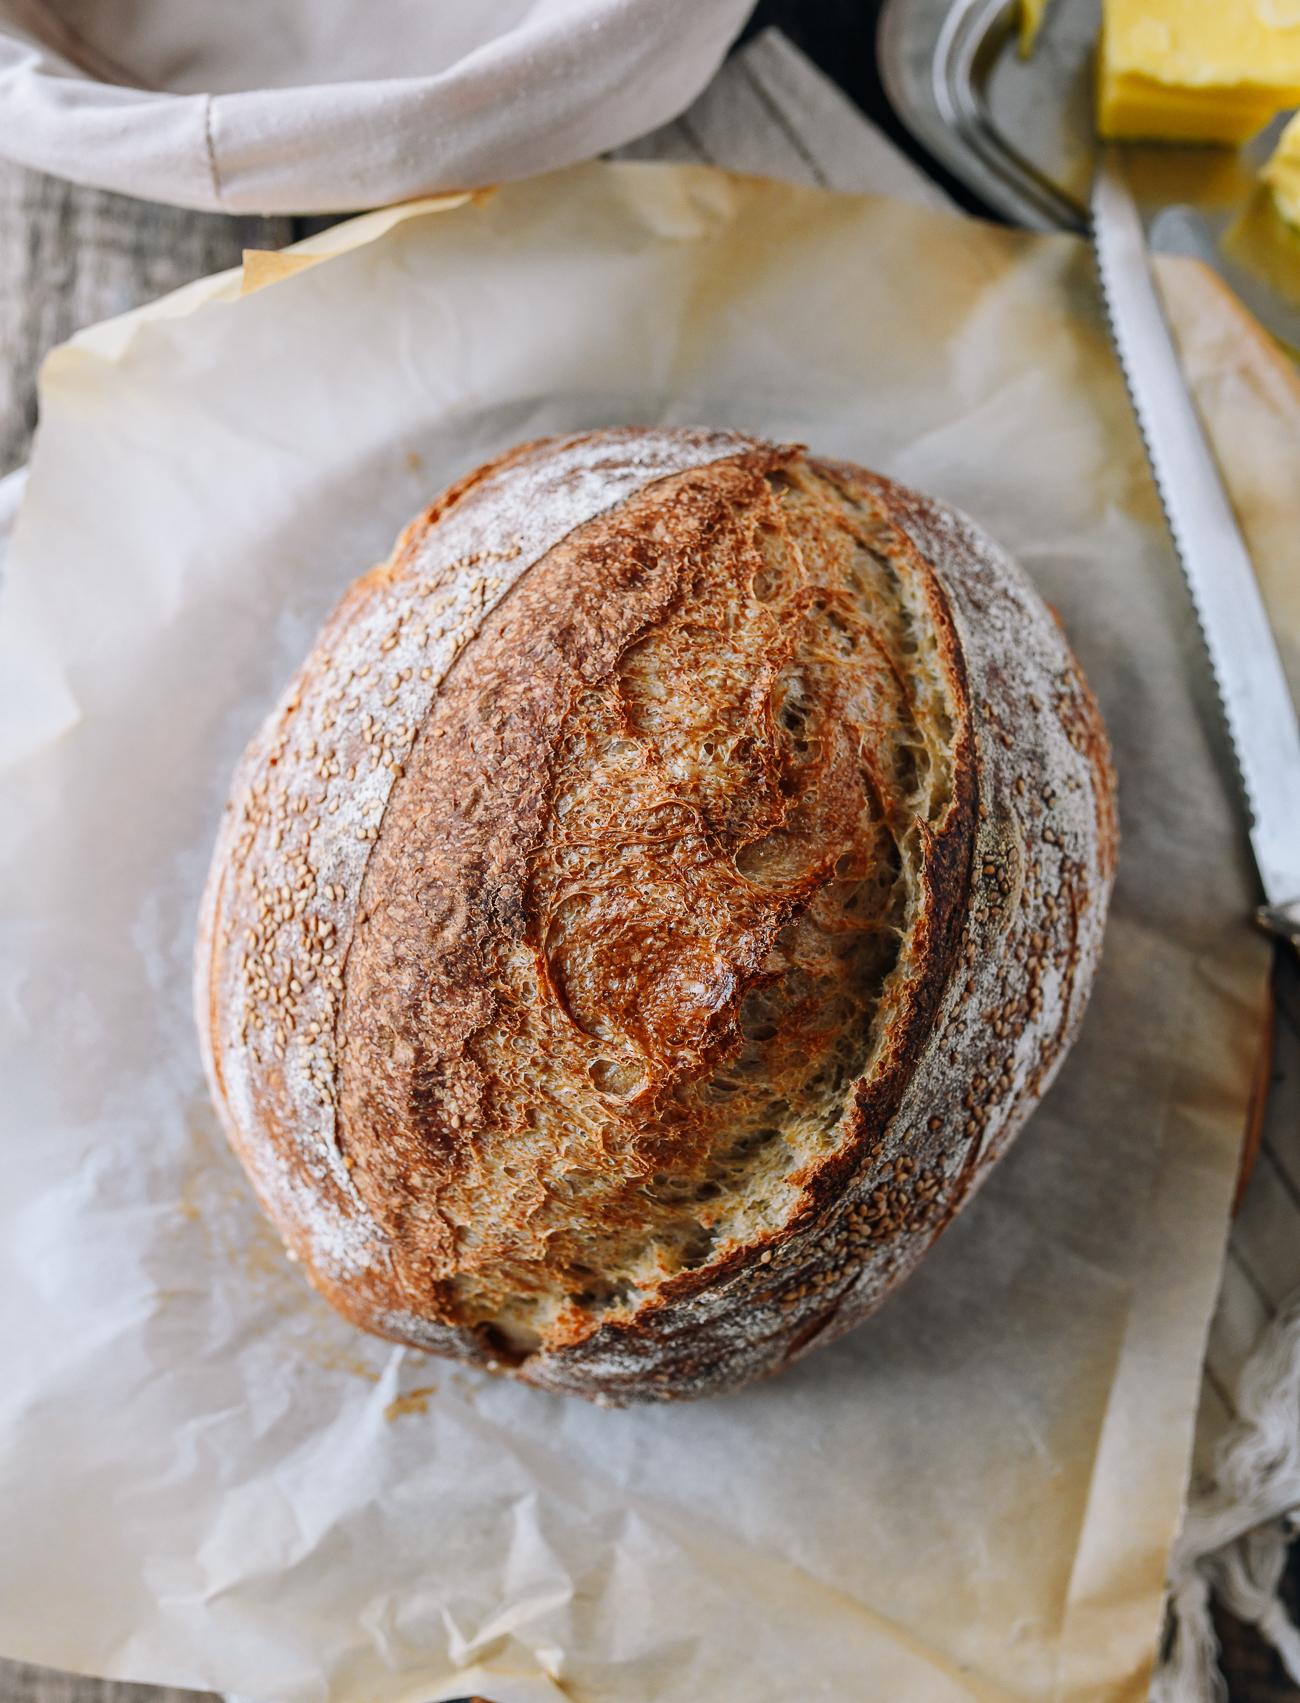 Sourdough loaf on cutting board